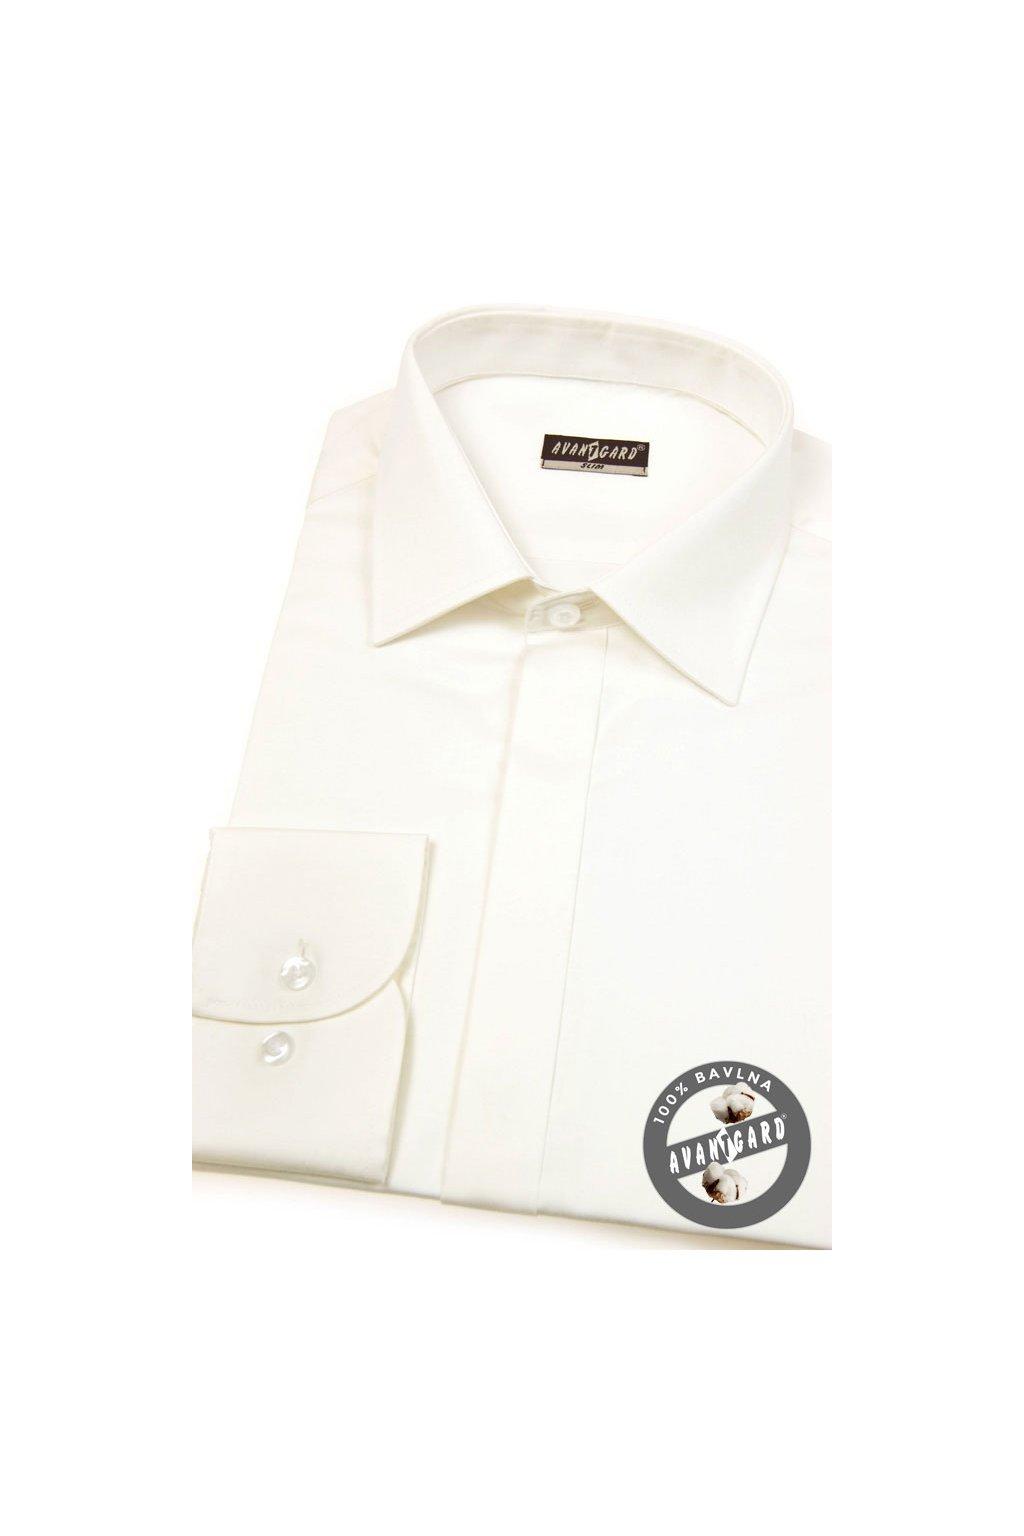 Pánská košile SLIM s krytou légou smetanová hladká s leskem 172 - 222